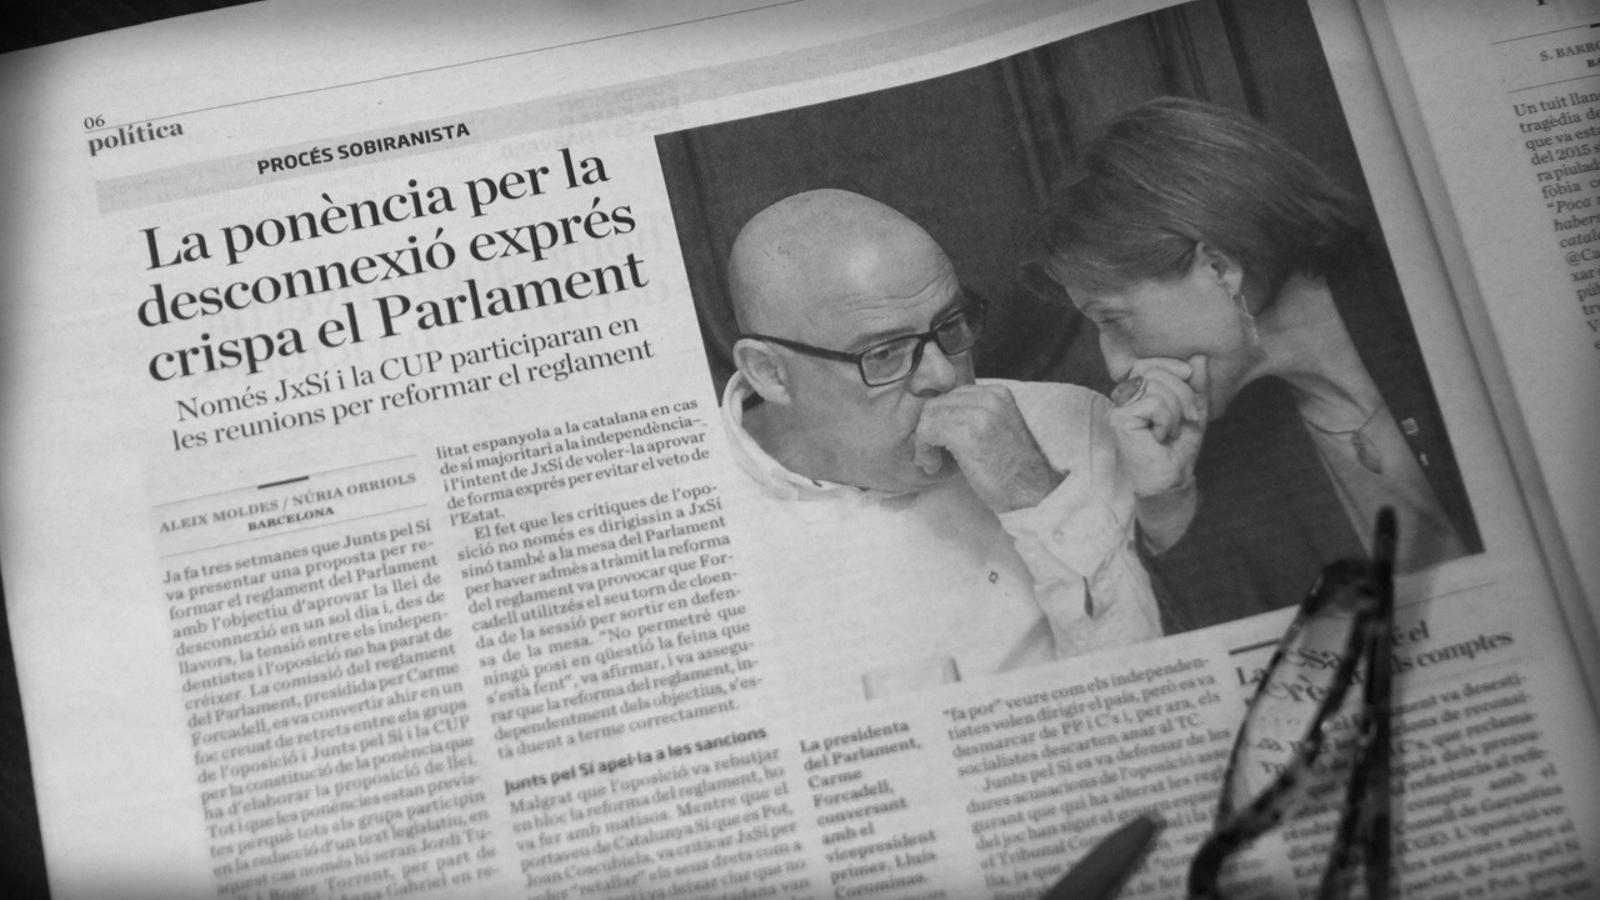 L'anàlisi d'Antoni Bassas: 'En compliment d'un mandat democràtic'